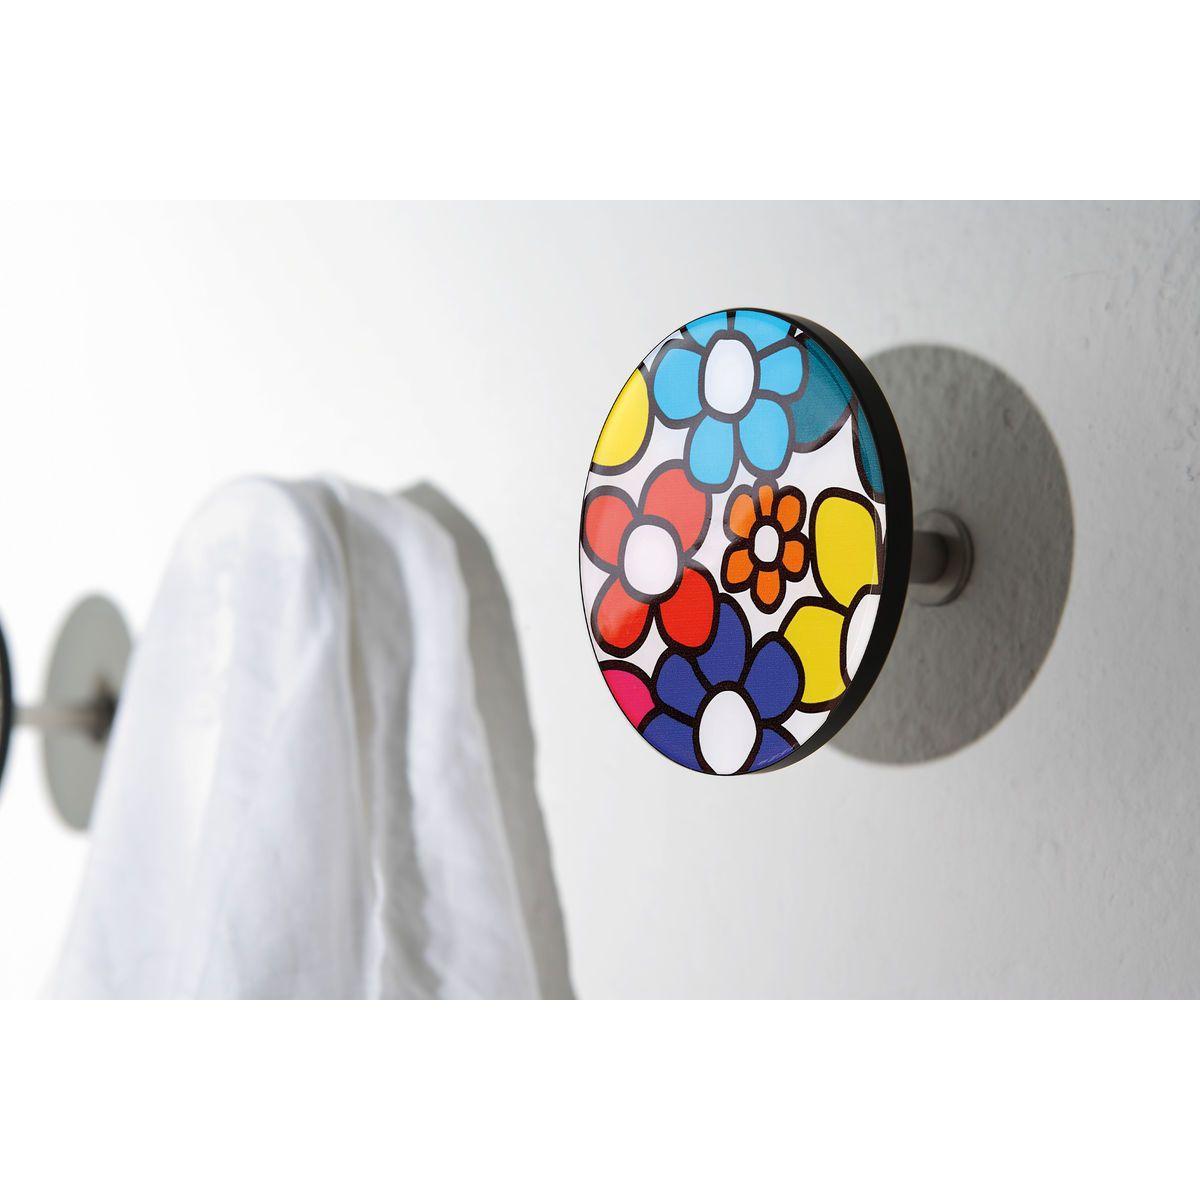 Appendiabiti a forma circolare della collezione Art-Up con pomello in acciaio inox e appendiabiti HPL rivestito in resina con grafica florale colorata